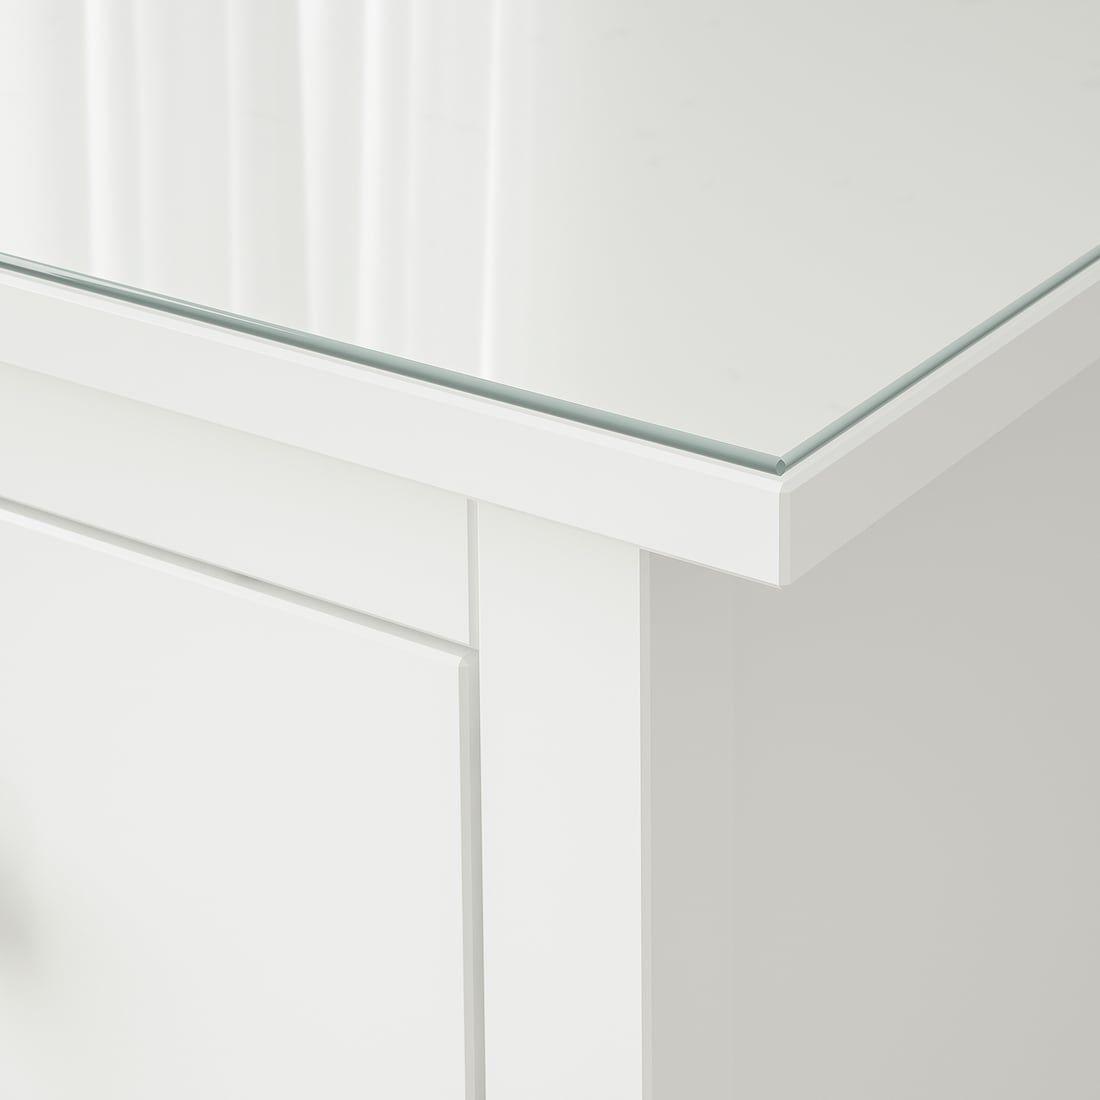 Hemnes Glass Top Transparent 21 1 4x15 Ikea In 2020 Hemnes Glass Top Glass Top Desk